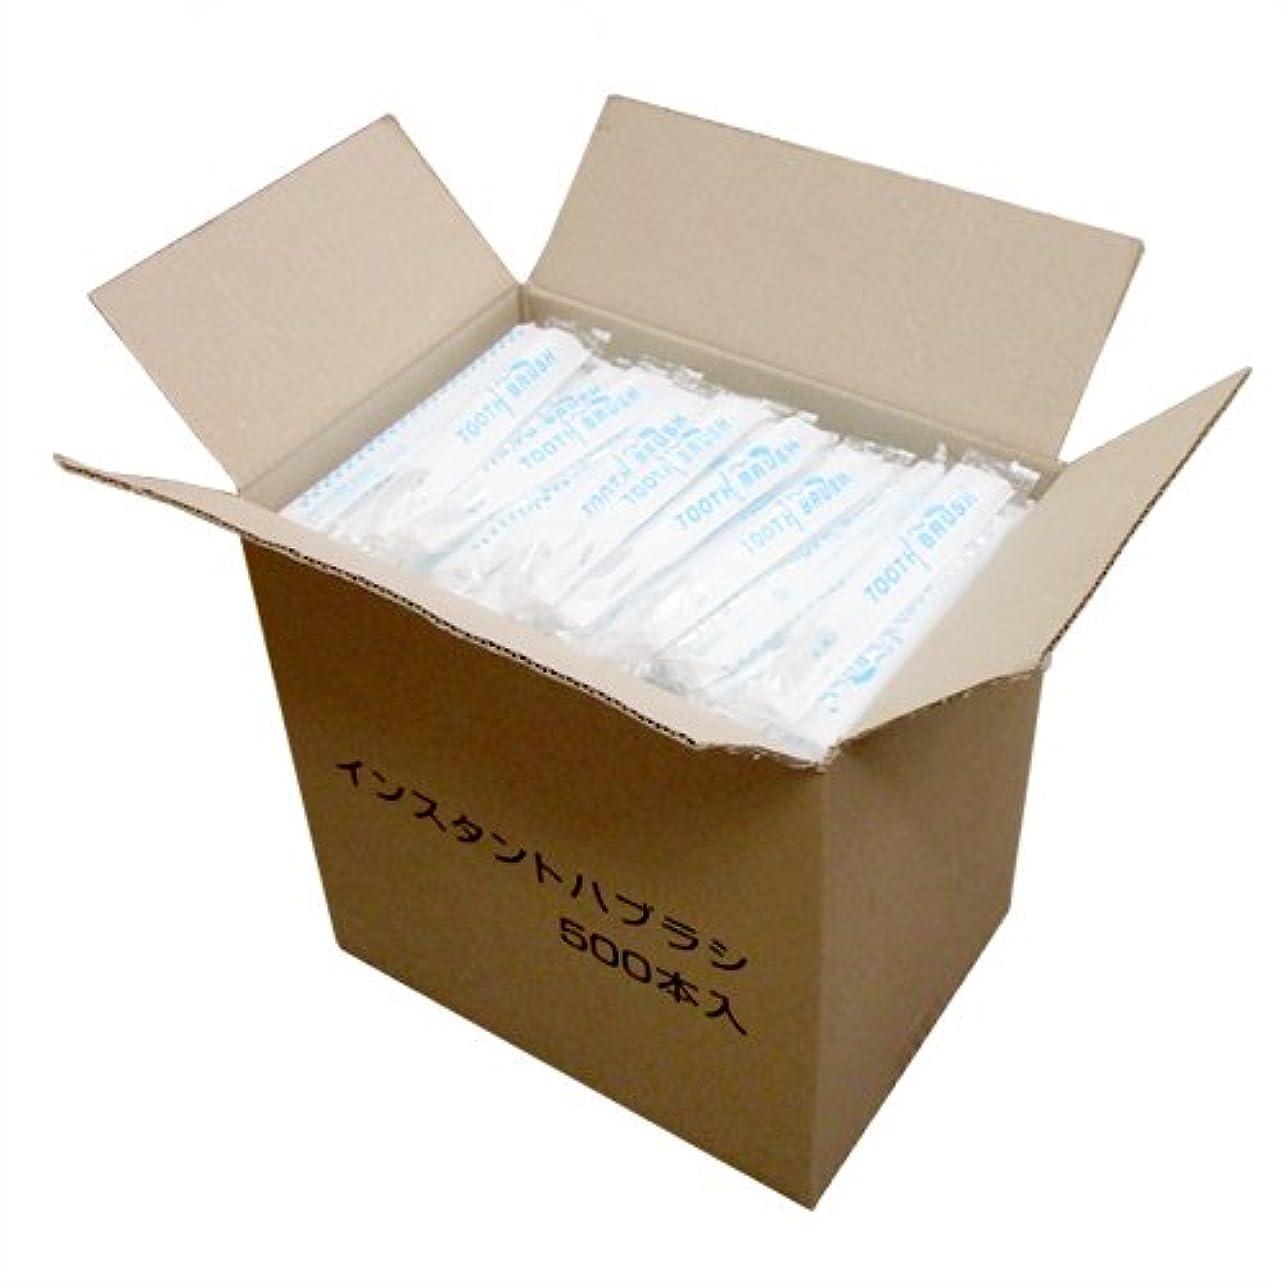 番目居住者外向き業務用 日本製 使い捨て粉付き歯ブラシ 個包装タイプ 500本入×1箱│ホテルアメニティ